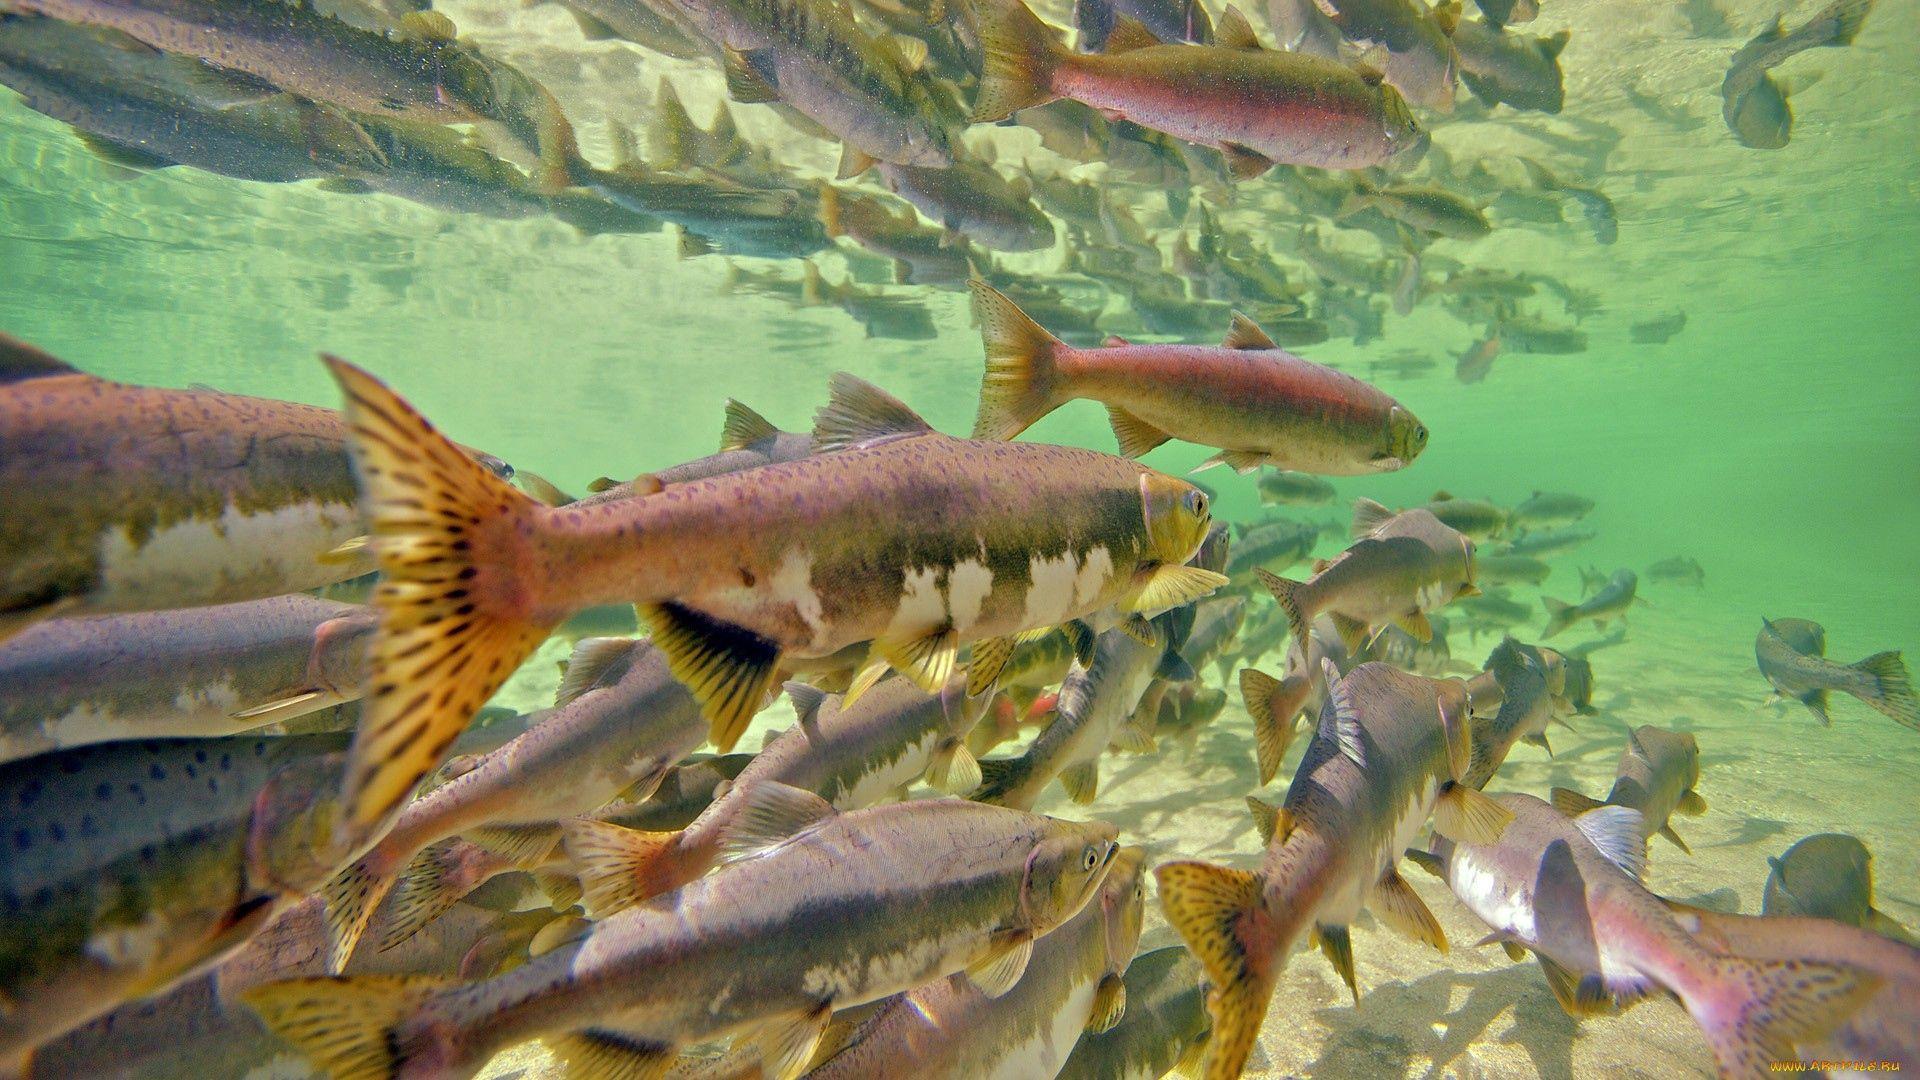 91913 Заставки и Обои Рыбы на телефон. Скачать Рыбы, Животные, Море, Подводный Мир, Много картинки бесплатно